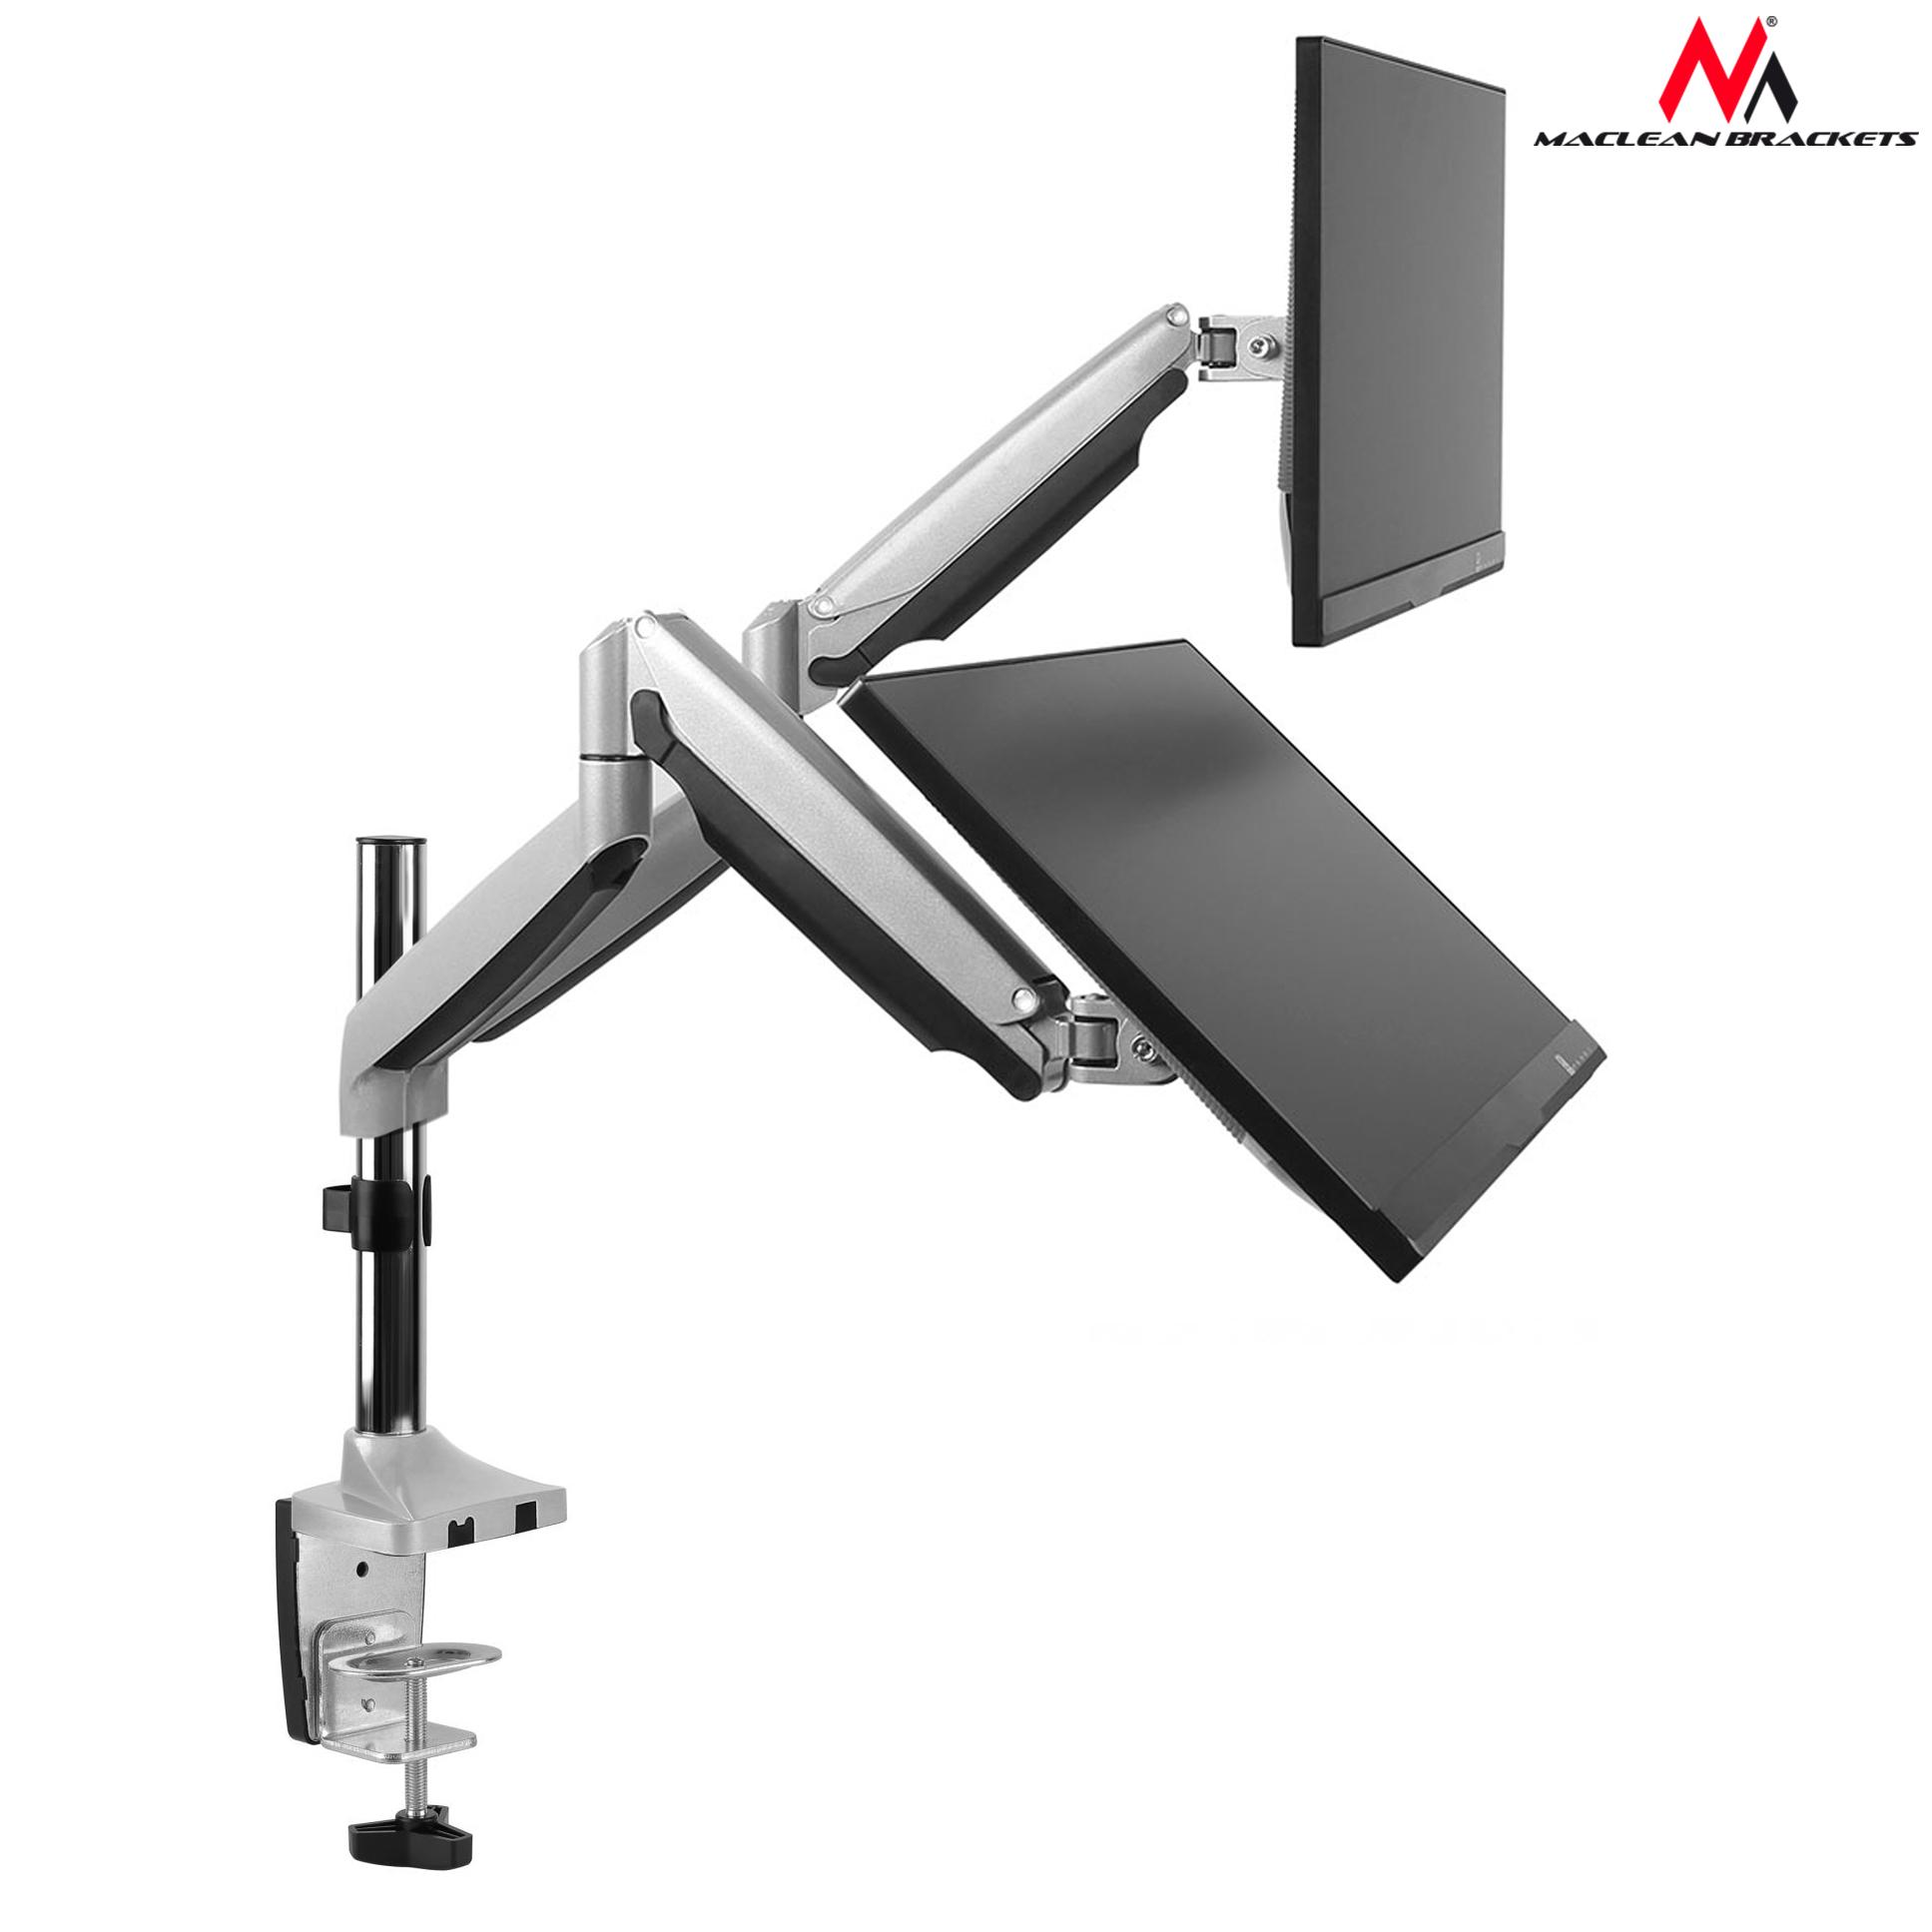 2 fach monitor laptop universal halterung tischhalterung doppel arm federarm ebay. Black Bedroom Furniture Sets. Home Design Ideas